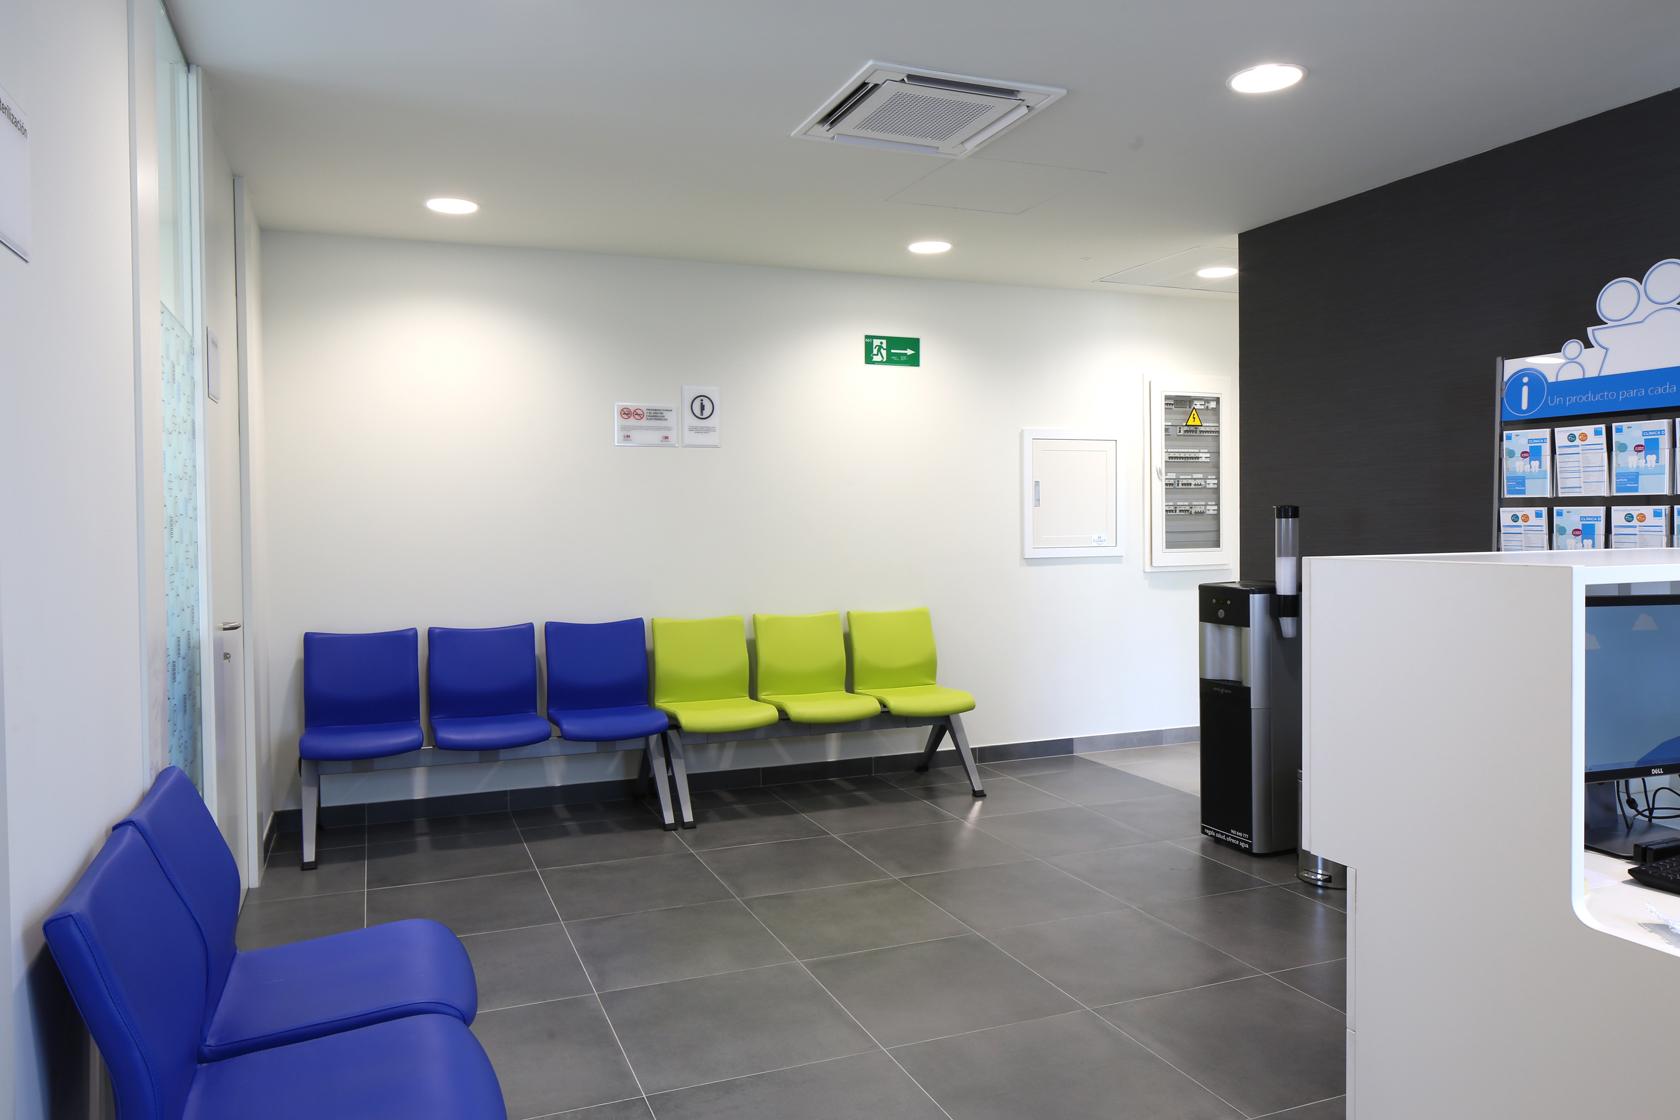 Clinica Dental Milenium Hospital La Zarzuela Sanitas